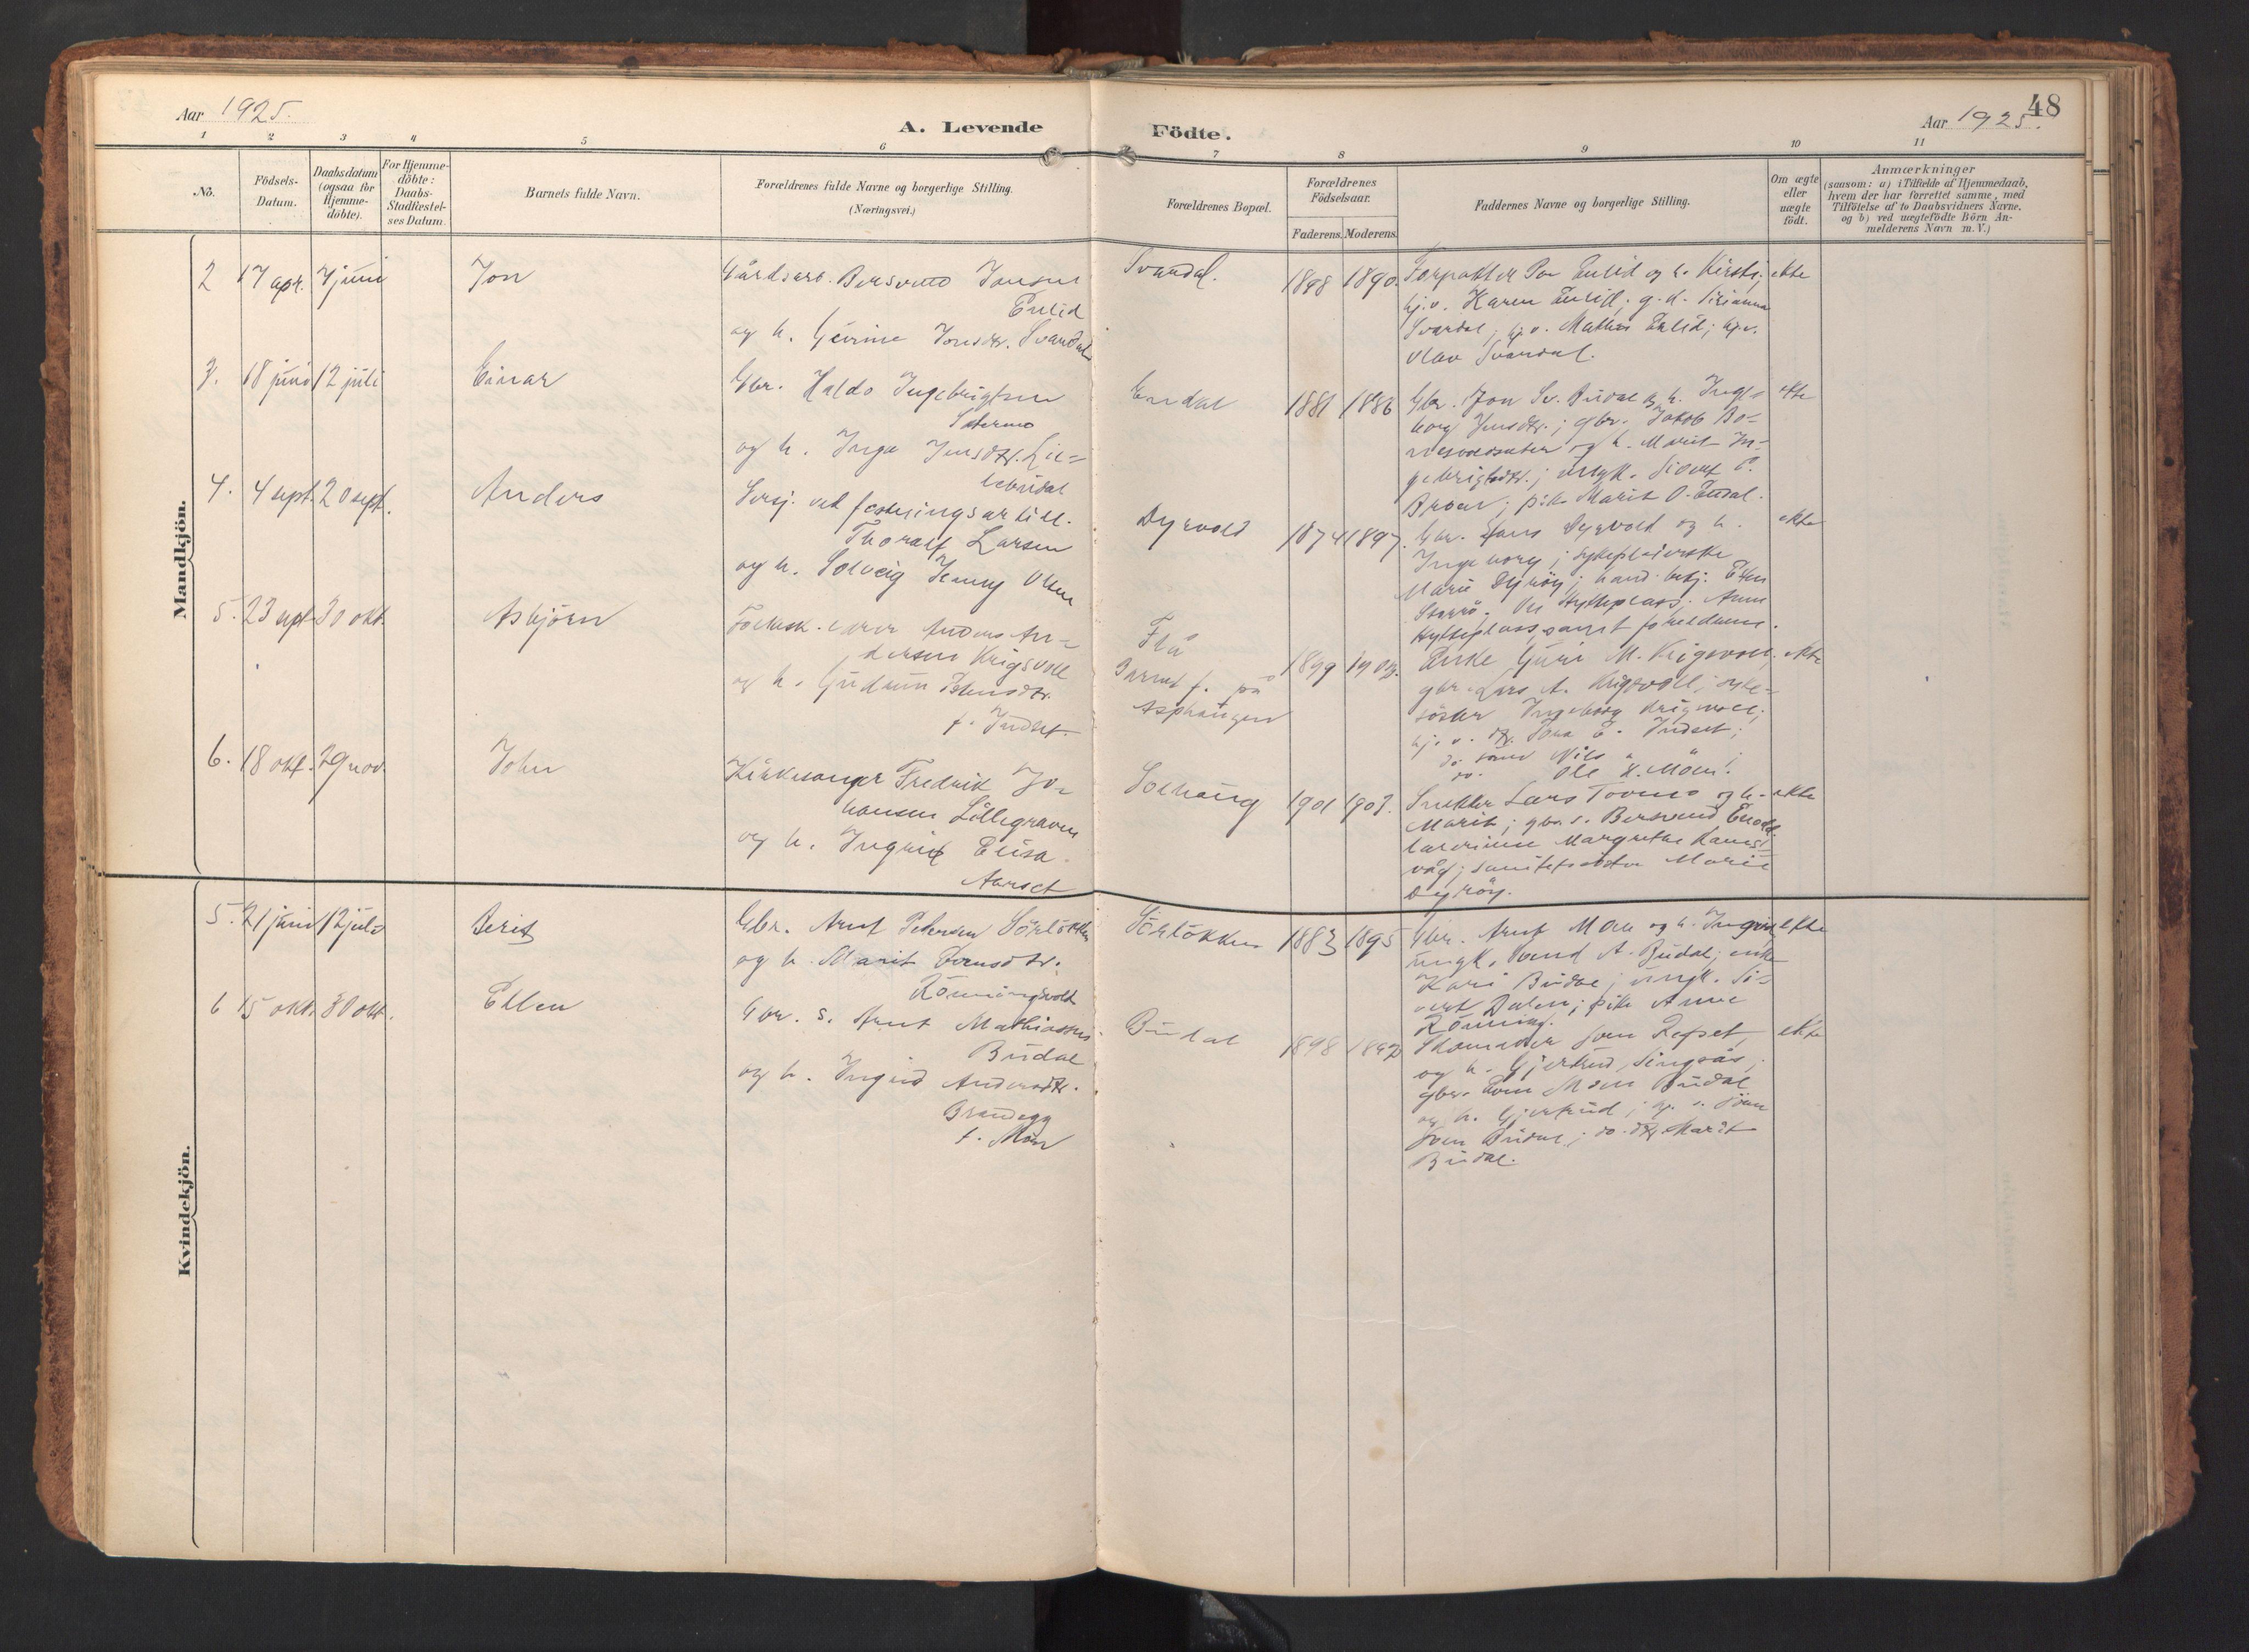 SAT, Ministerialprotokoller, klokkerbøker og fødselsregistre - Sør-Trøndelag, 690/L1050: Ministerialbok nr. 690A01, 1889-1929, s. 48